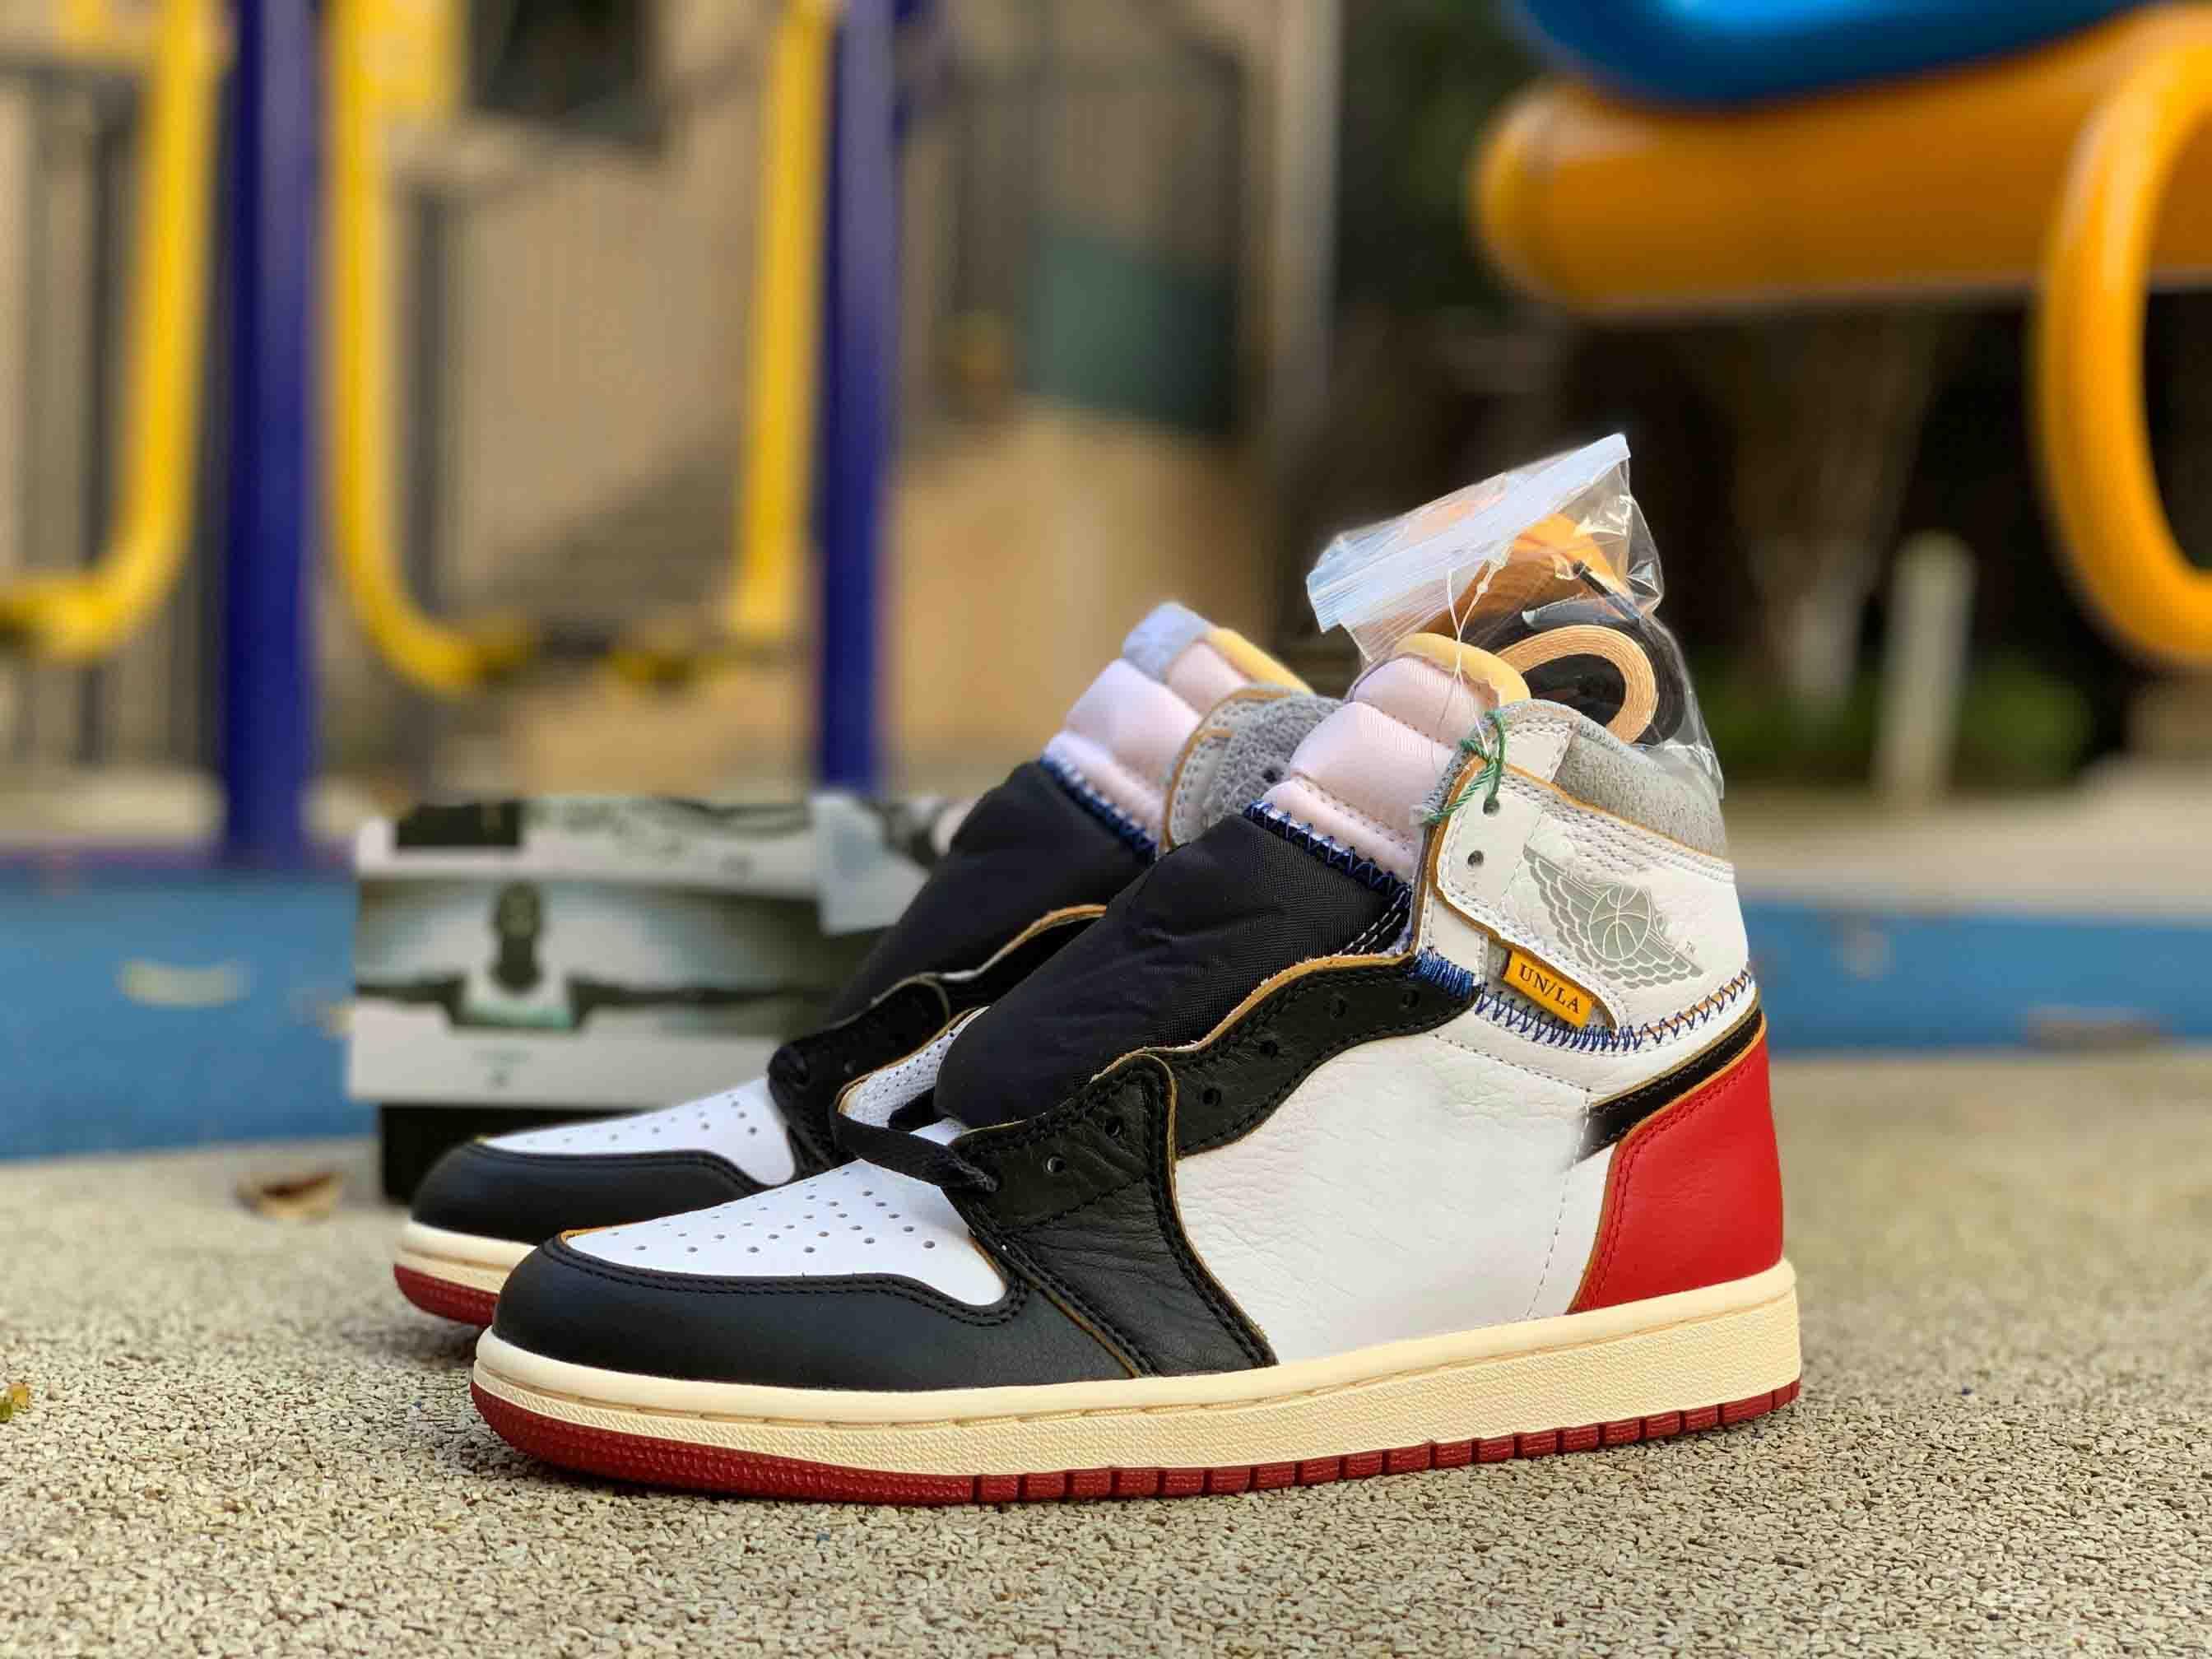 Новый дизайнер роскошная мода off Luxury 2020 мужская женская обувь мужские кроссовки белый кроссовки баскетбол кроссовки мокасины размер 5-12 7339044